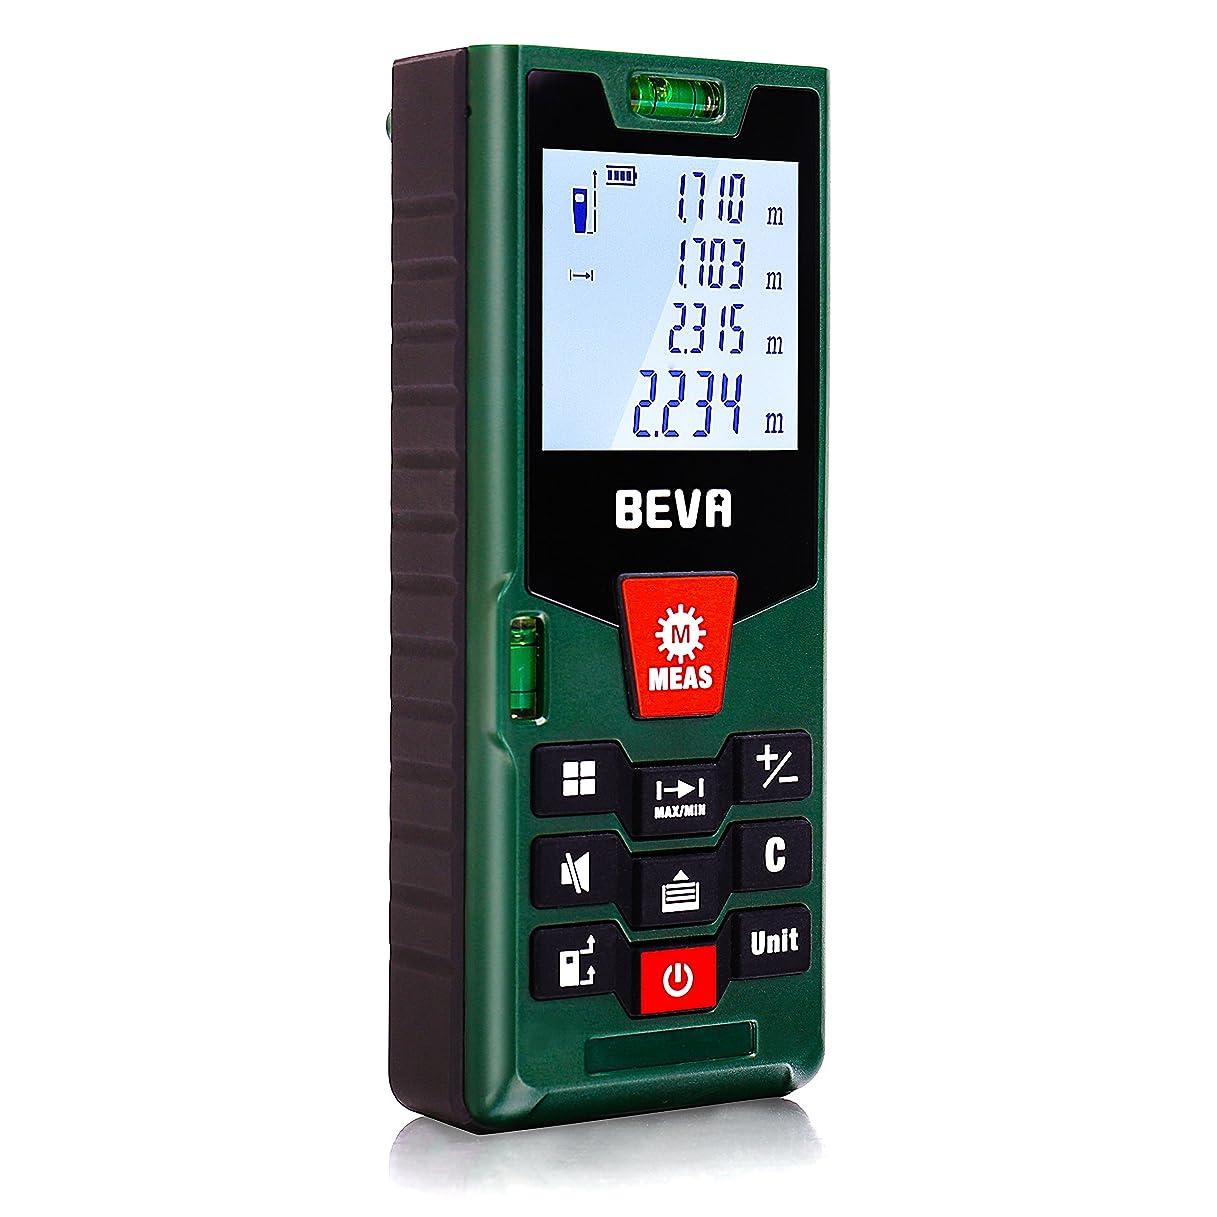 インディカ起きる電気的BEVA レーザー距離計 最大測定距離60M 距離/面積/体積/ピタゴラス間接測定/連続測定 自動計算 軽量距離計測機